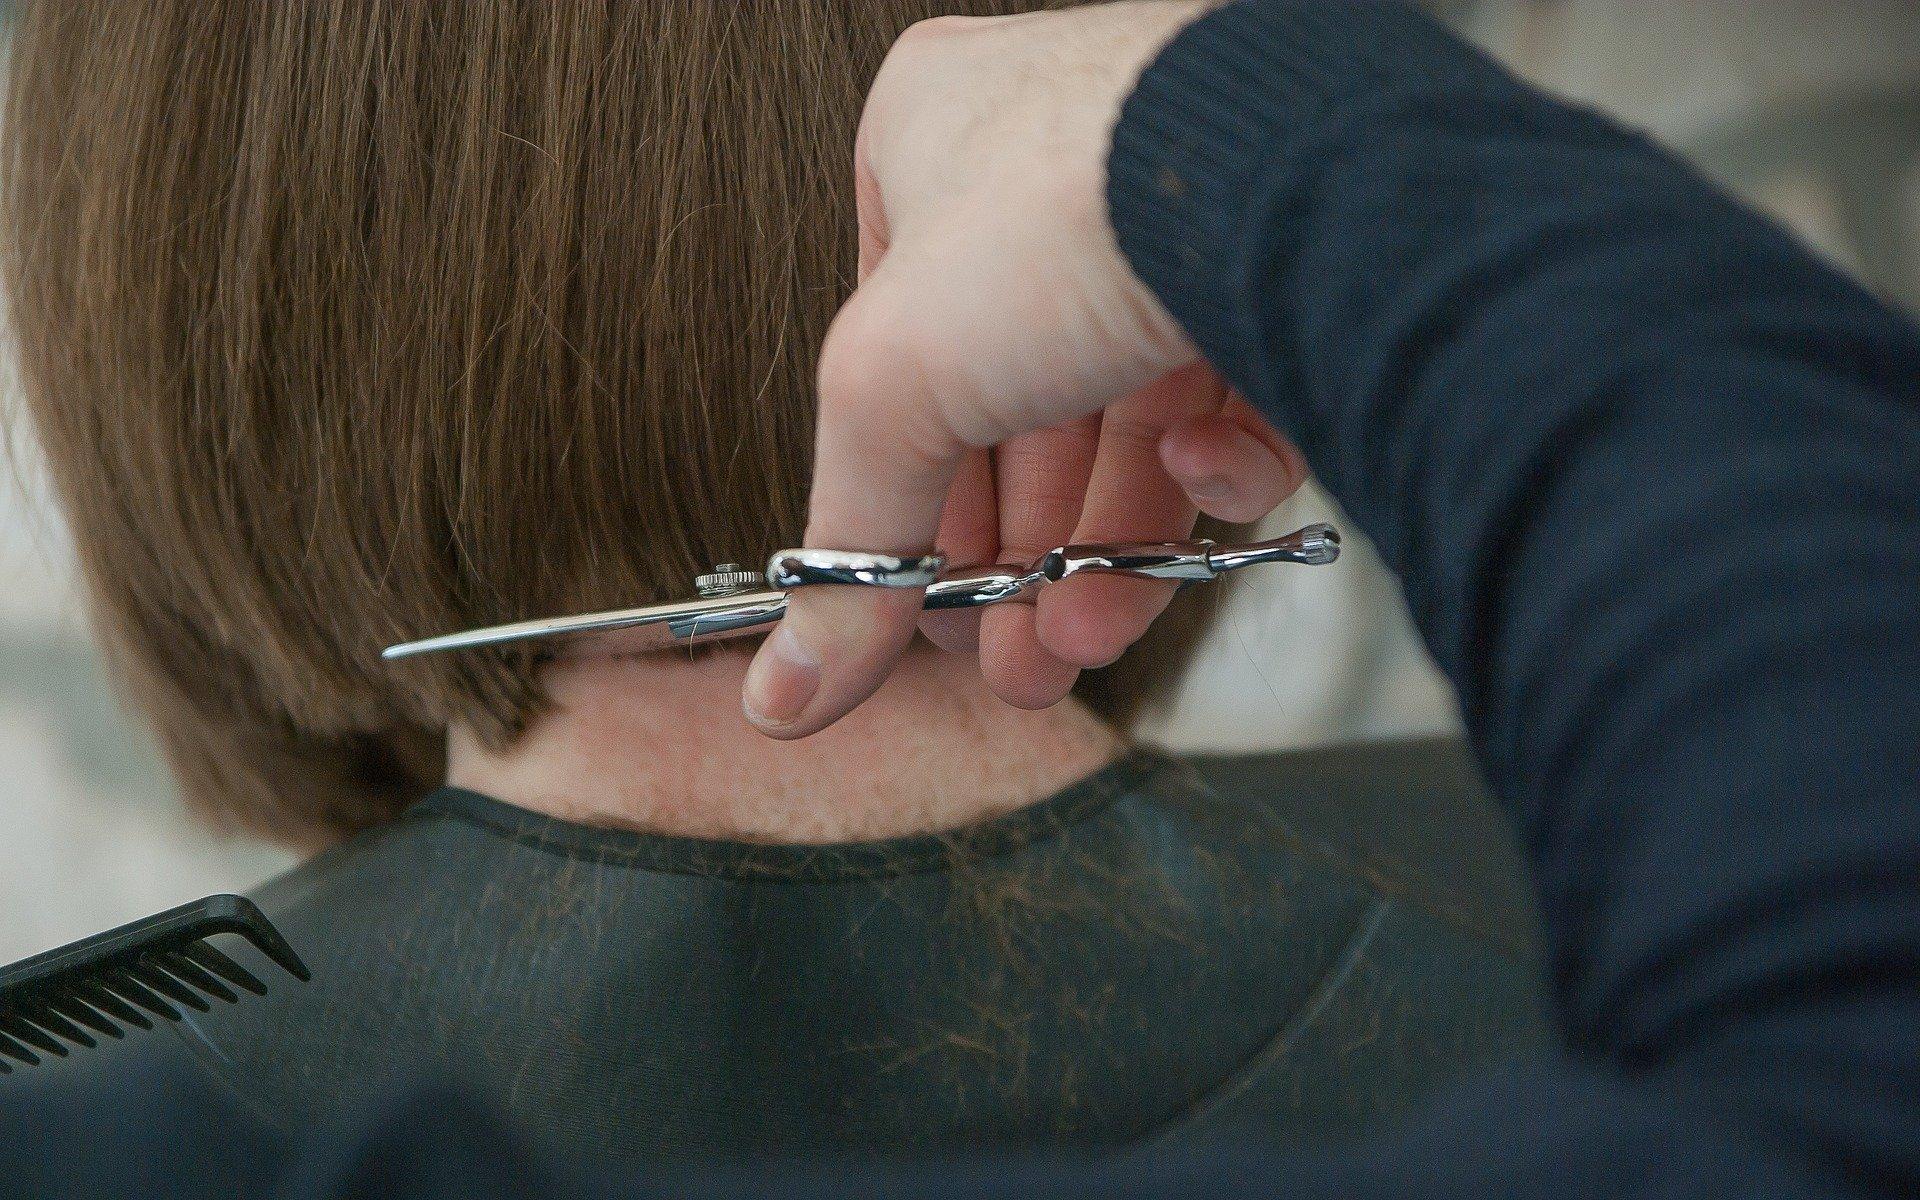 Cette coupe de cheveux est la plus demandée en 2020 ! Vous savez quoi demander à votre coiffeur pour la réouverture…